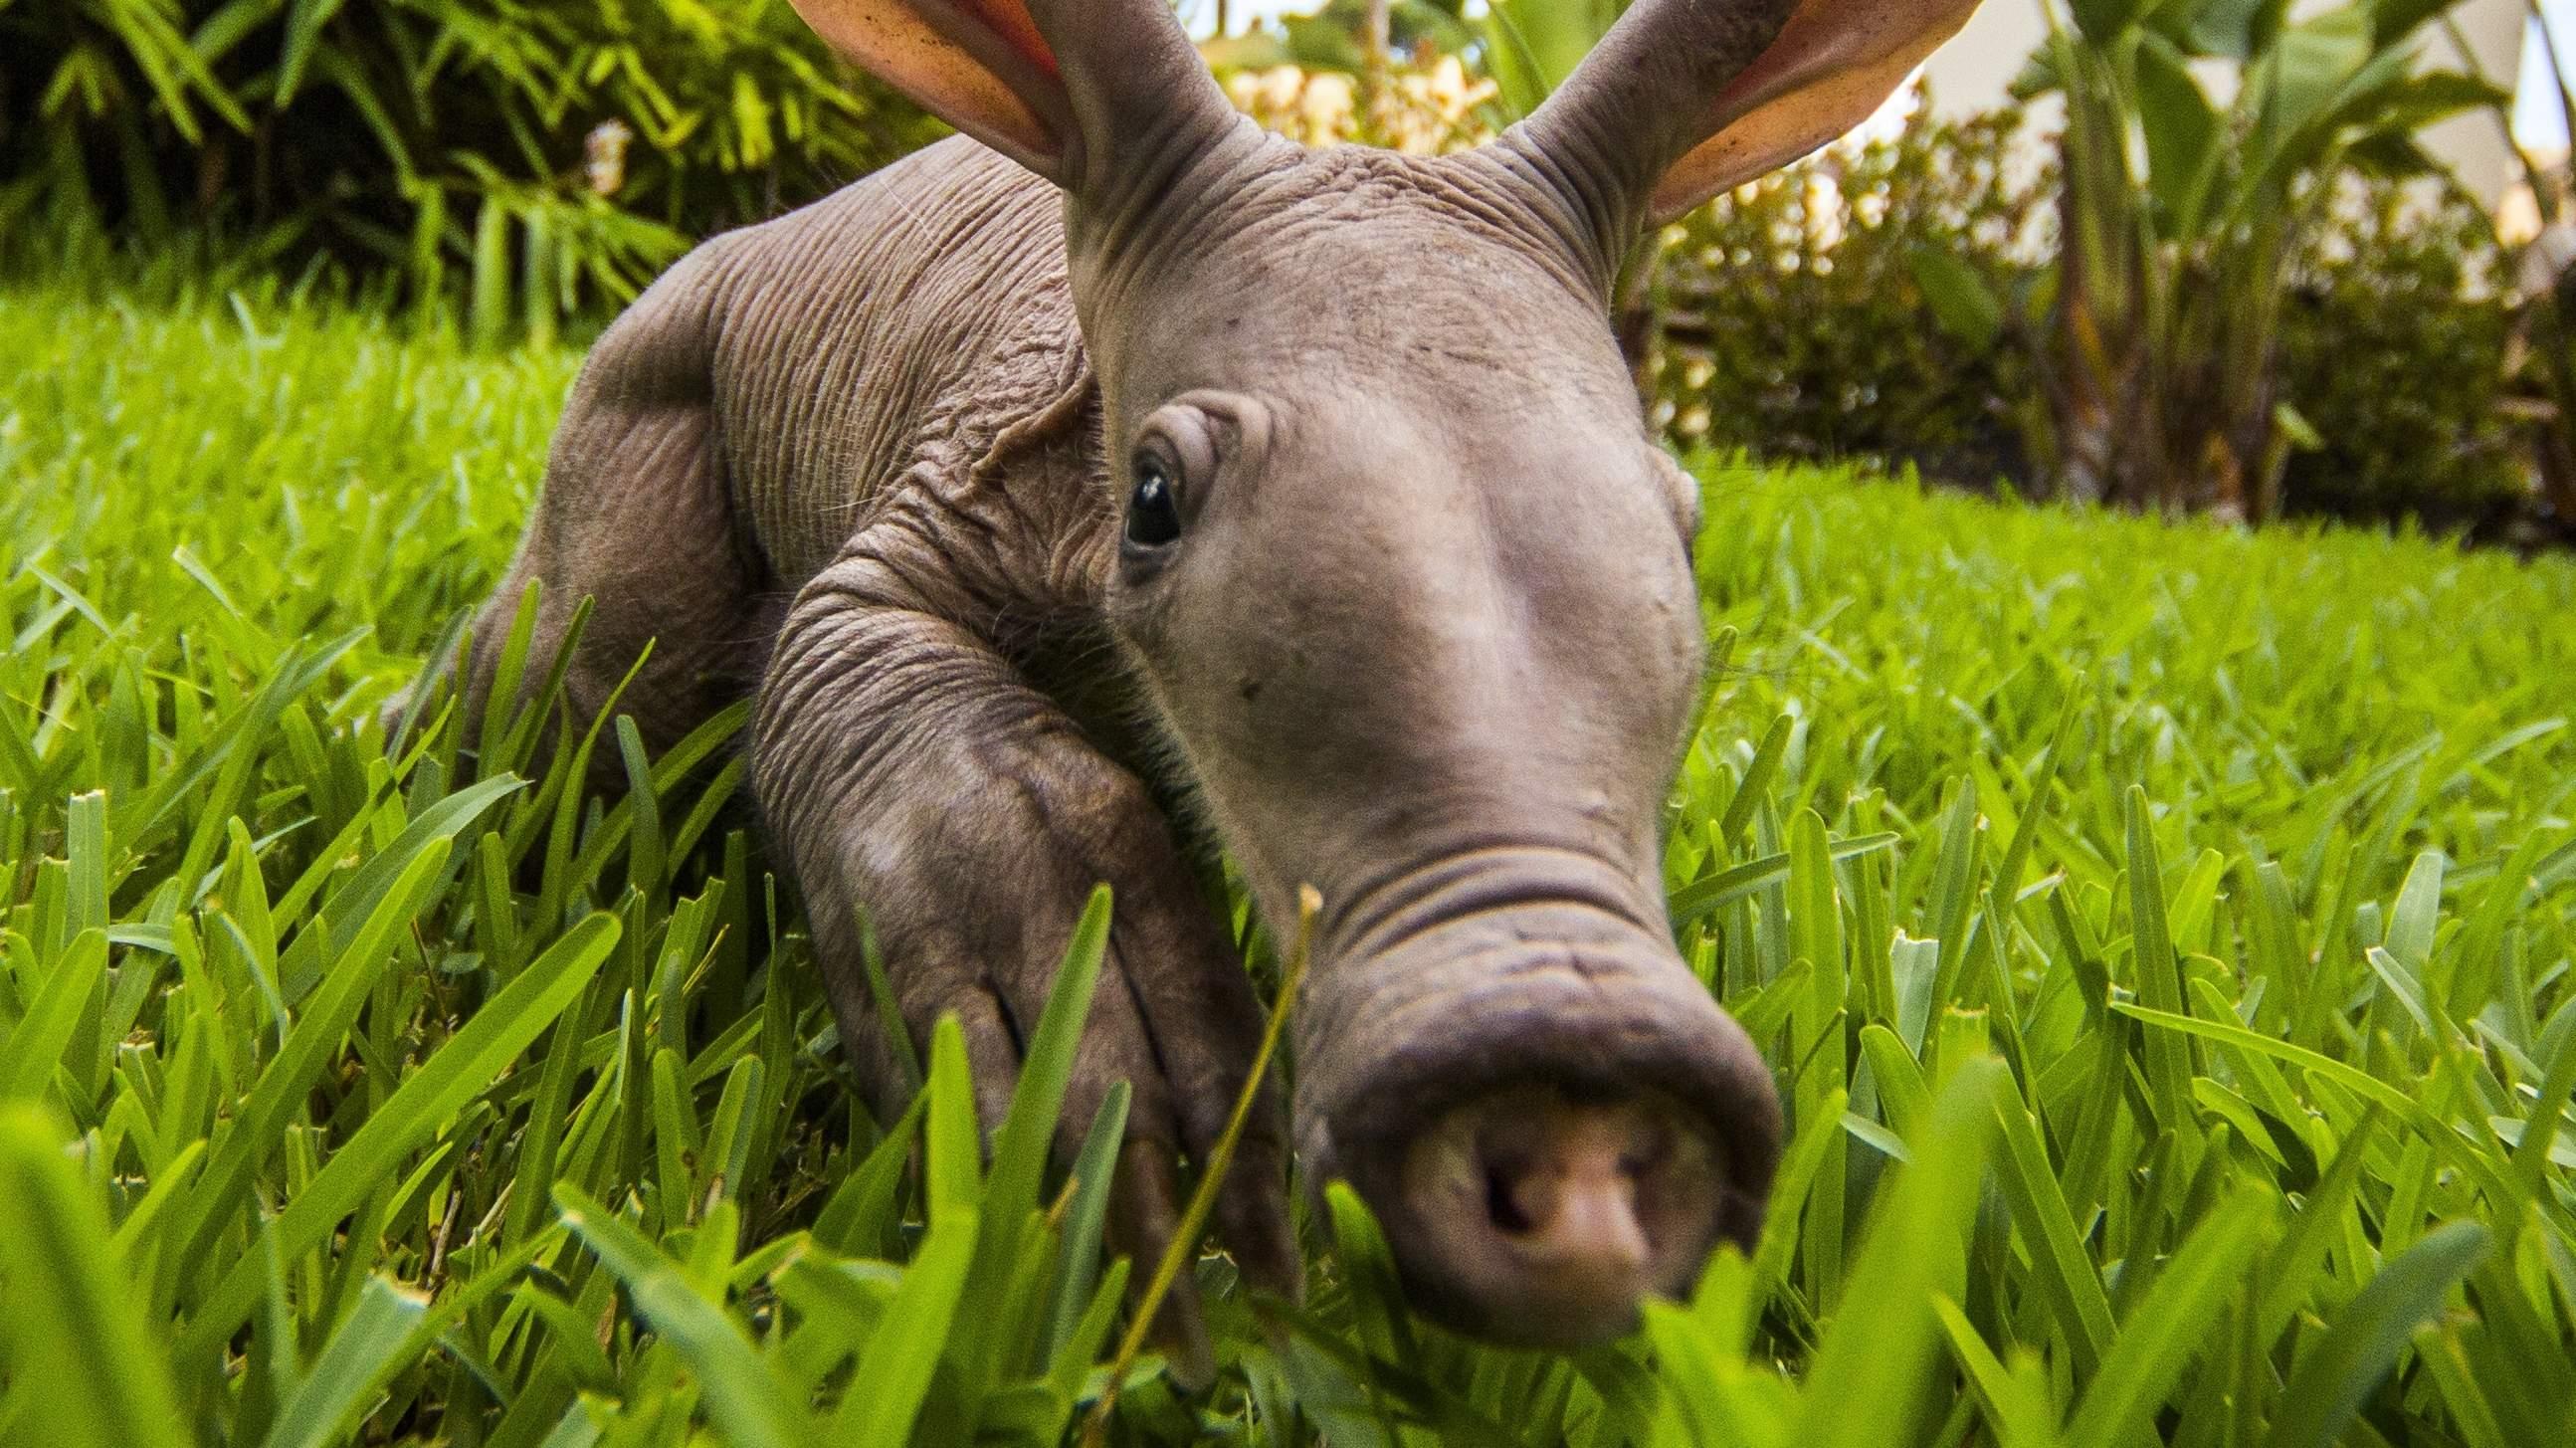 Aardvark photos